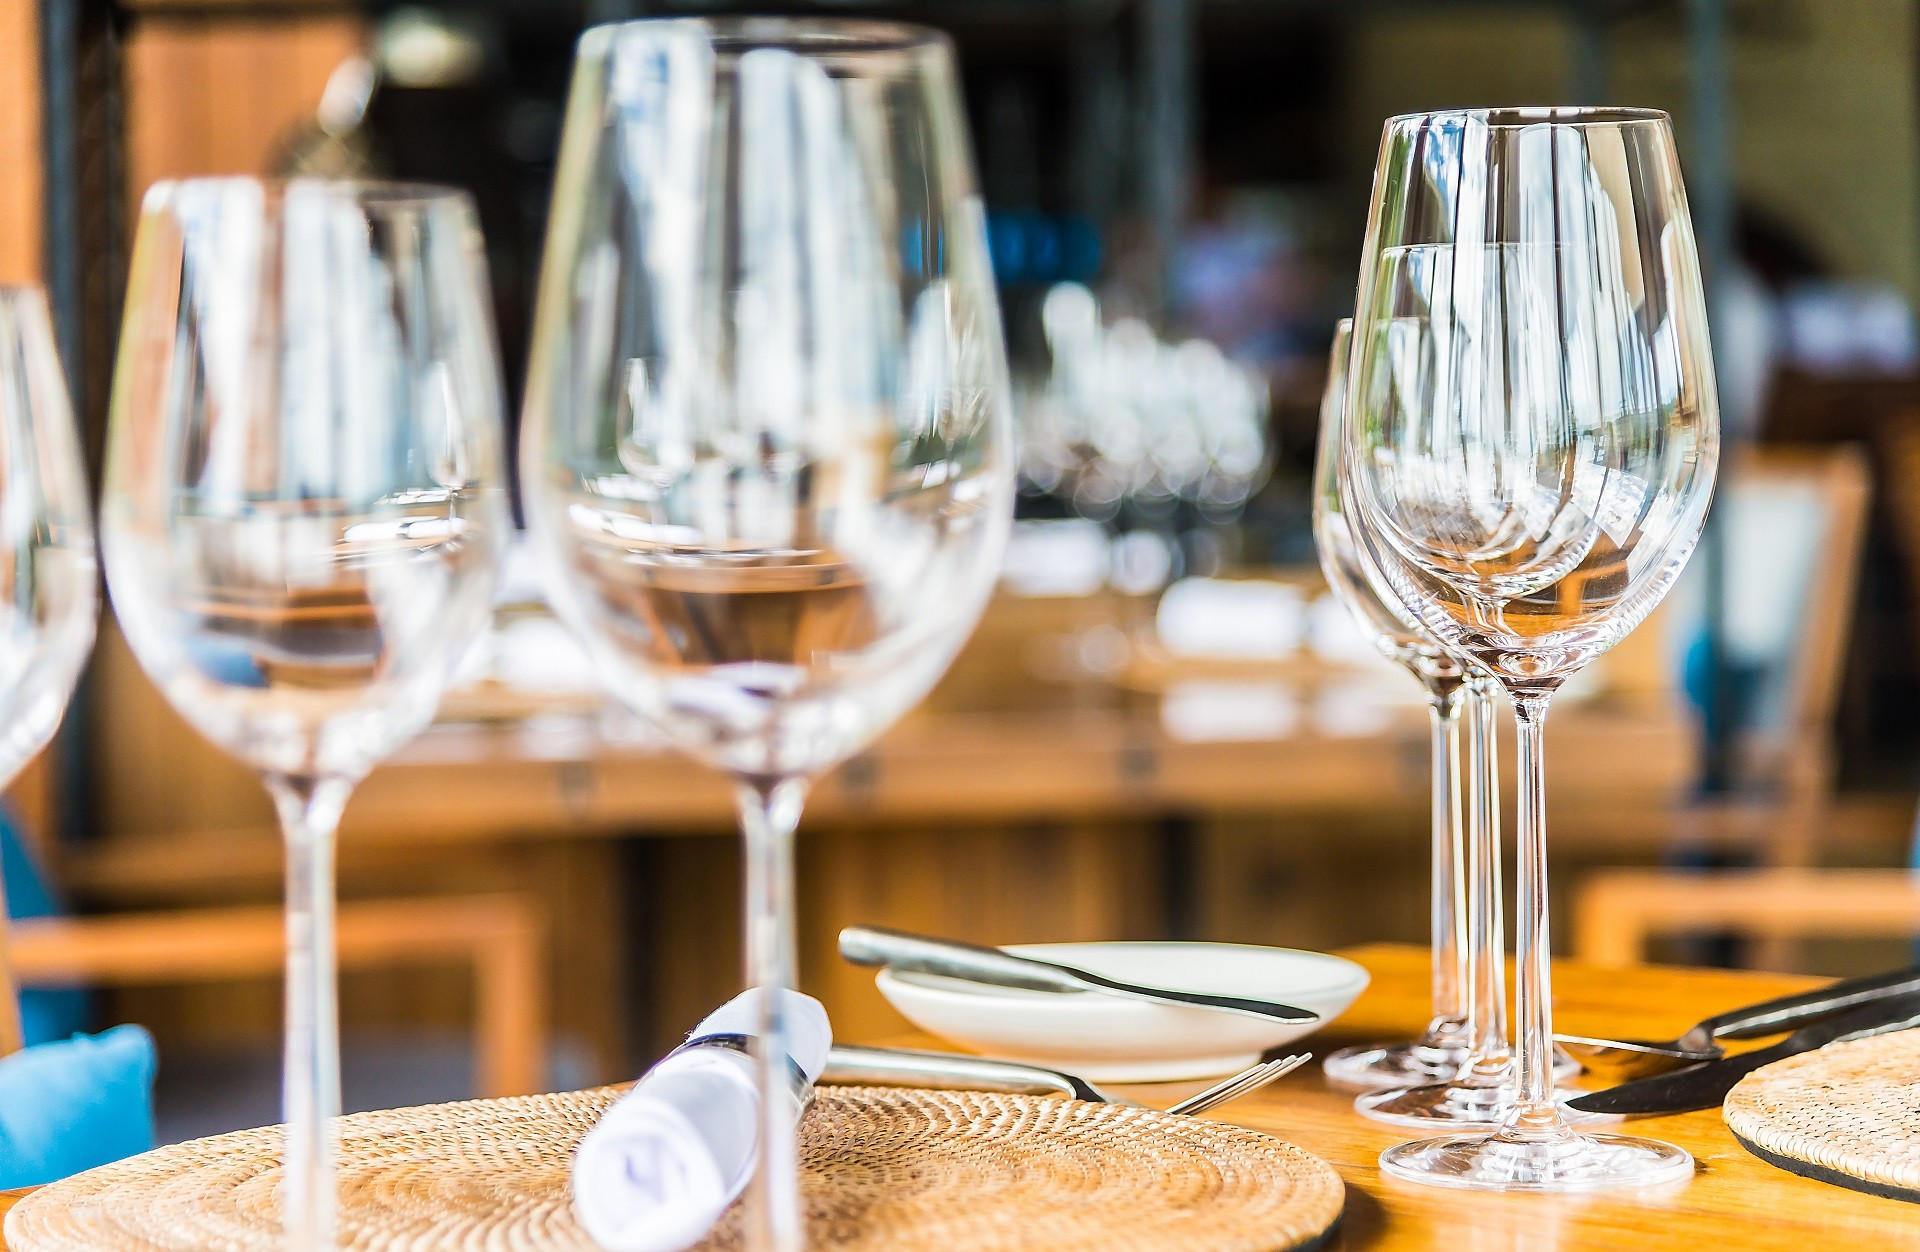 Degustazione in Toscana: vino e prodotti tipici